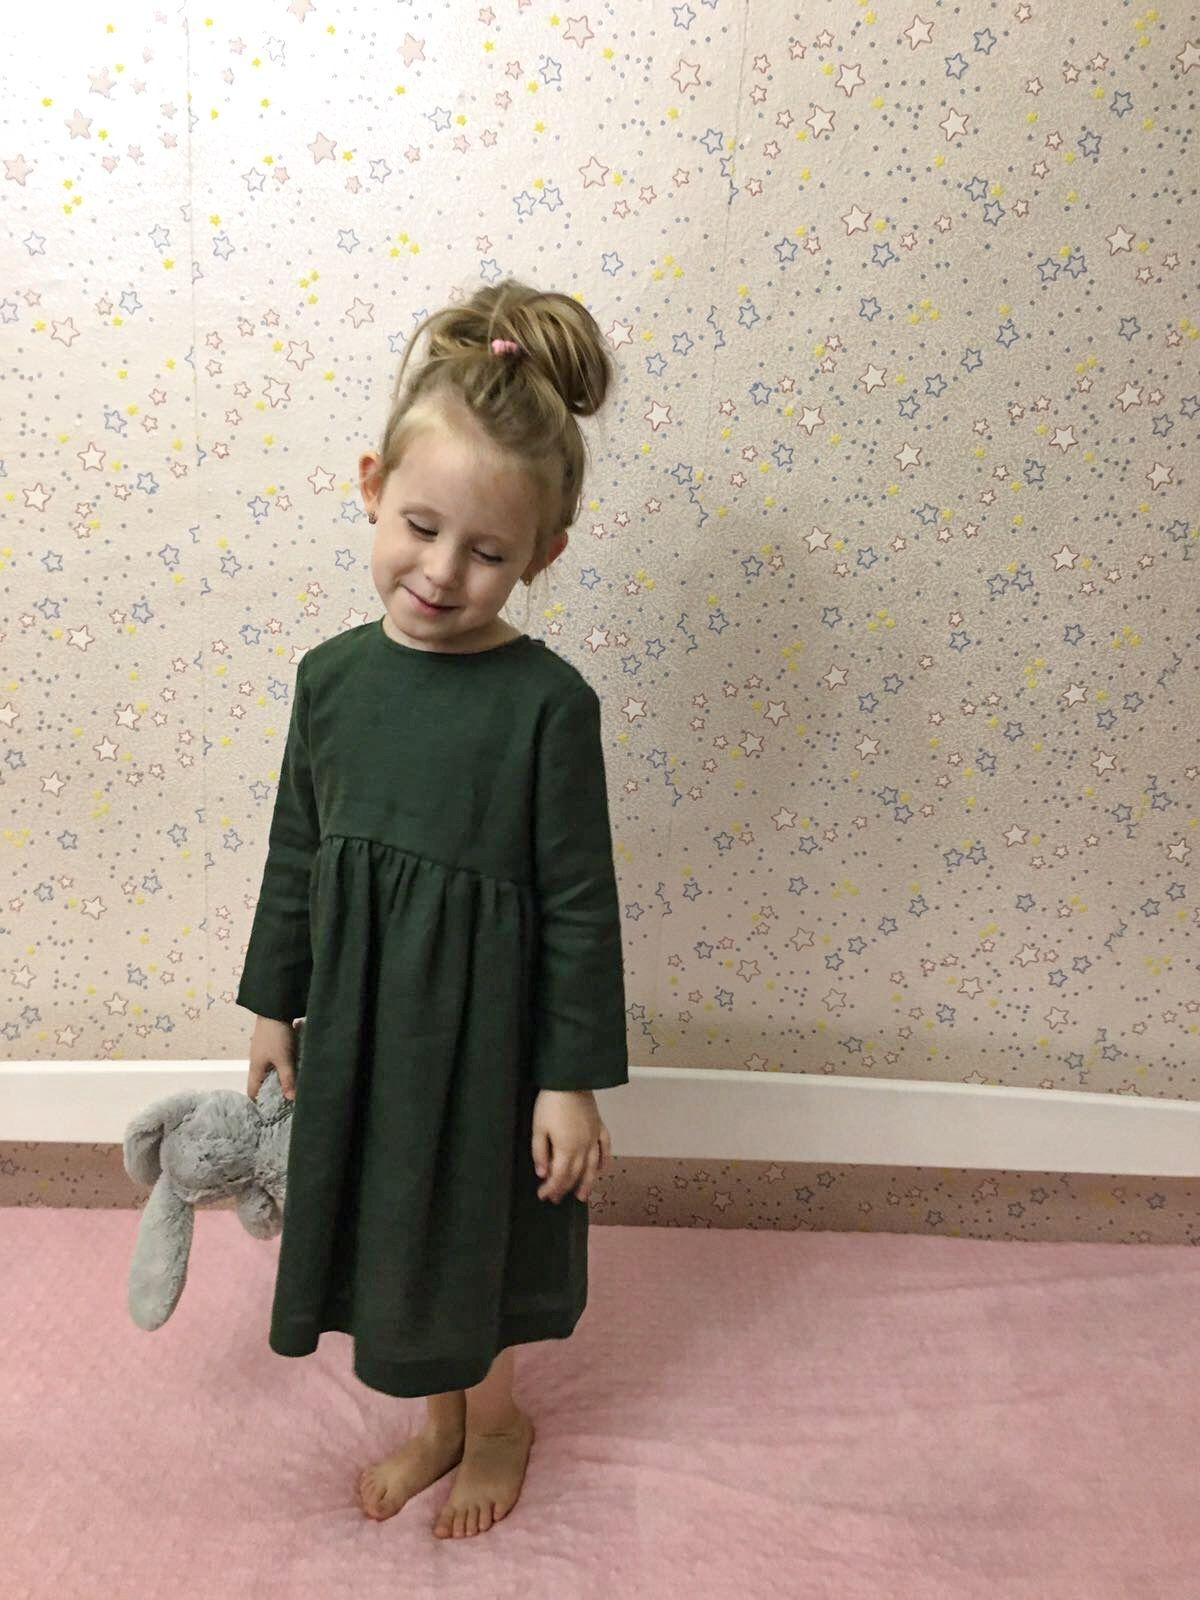 Toddler Linen Dress Thanksgiving girl gift Christmas girl dress Photo Shooting Girl Dress Linen Green Girl Dress Birthday Girl Dress